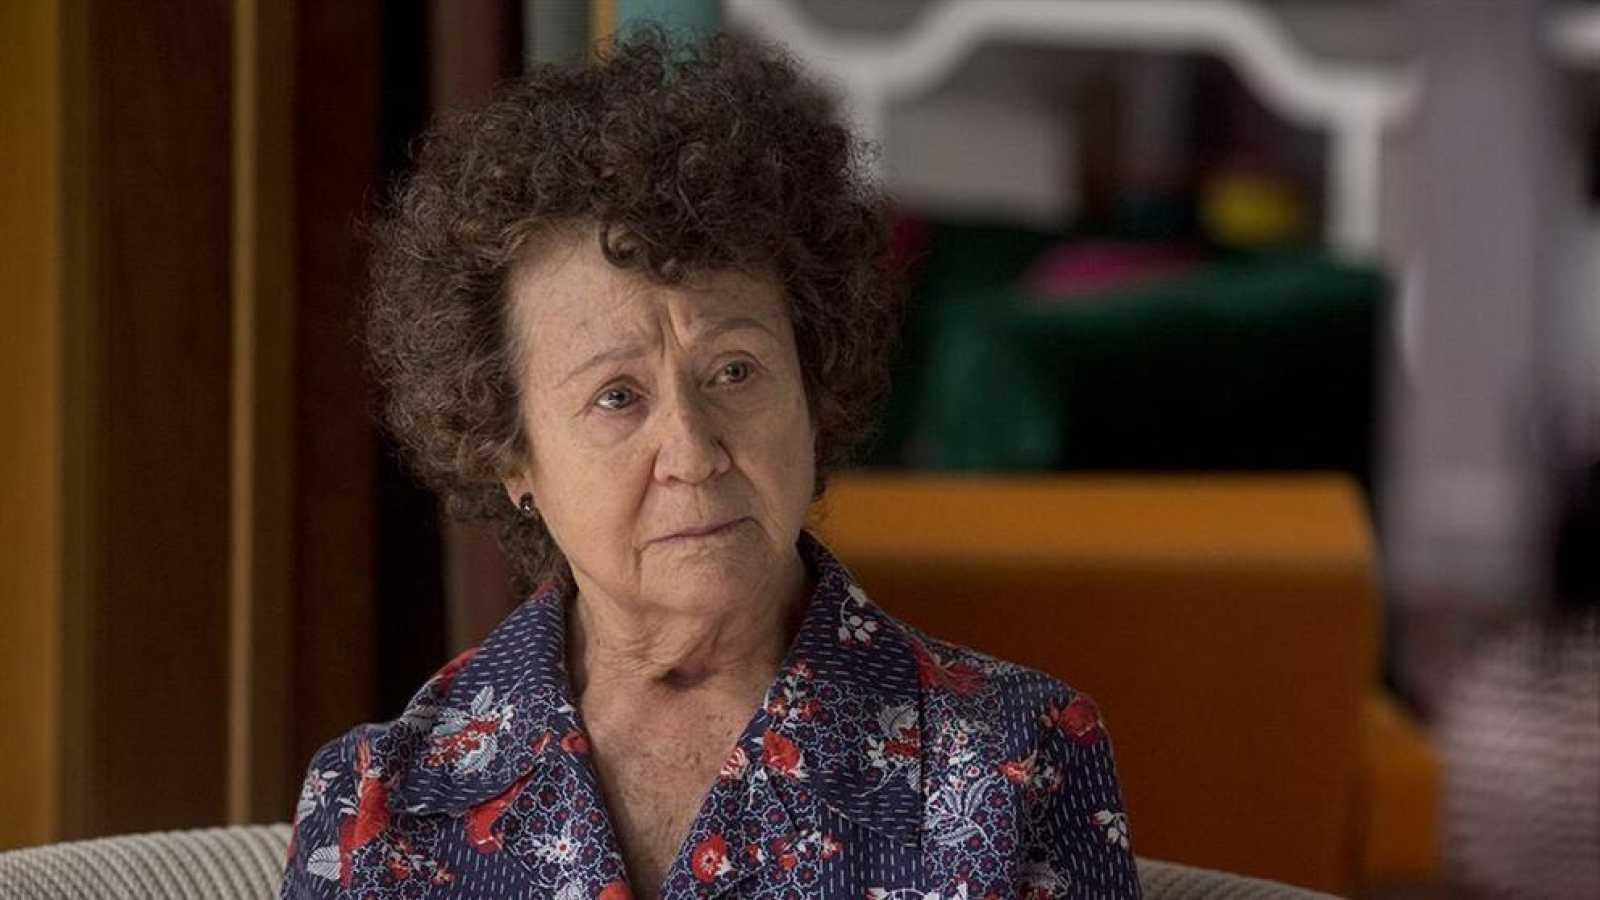 Julieta Serrano en 'Dolor y gloria'